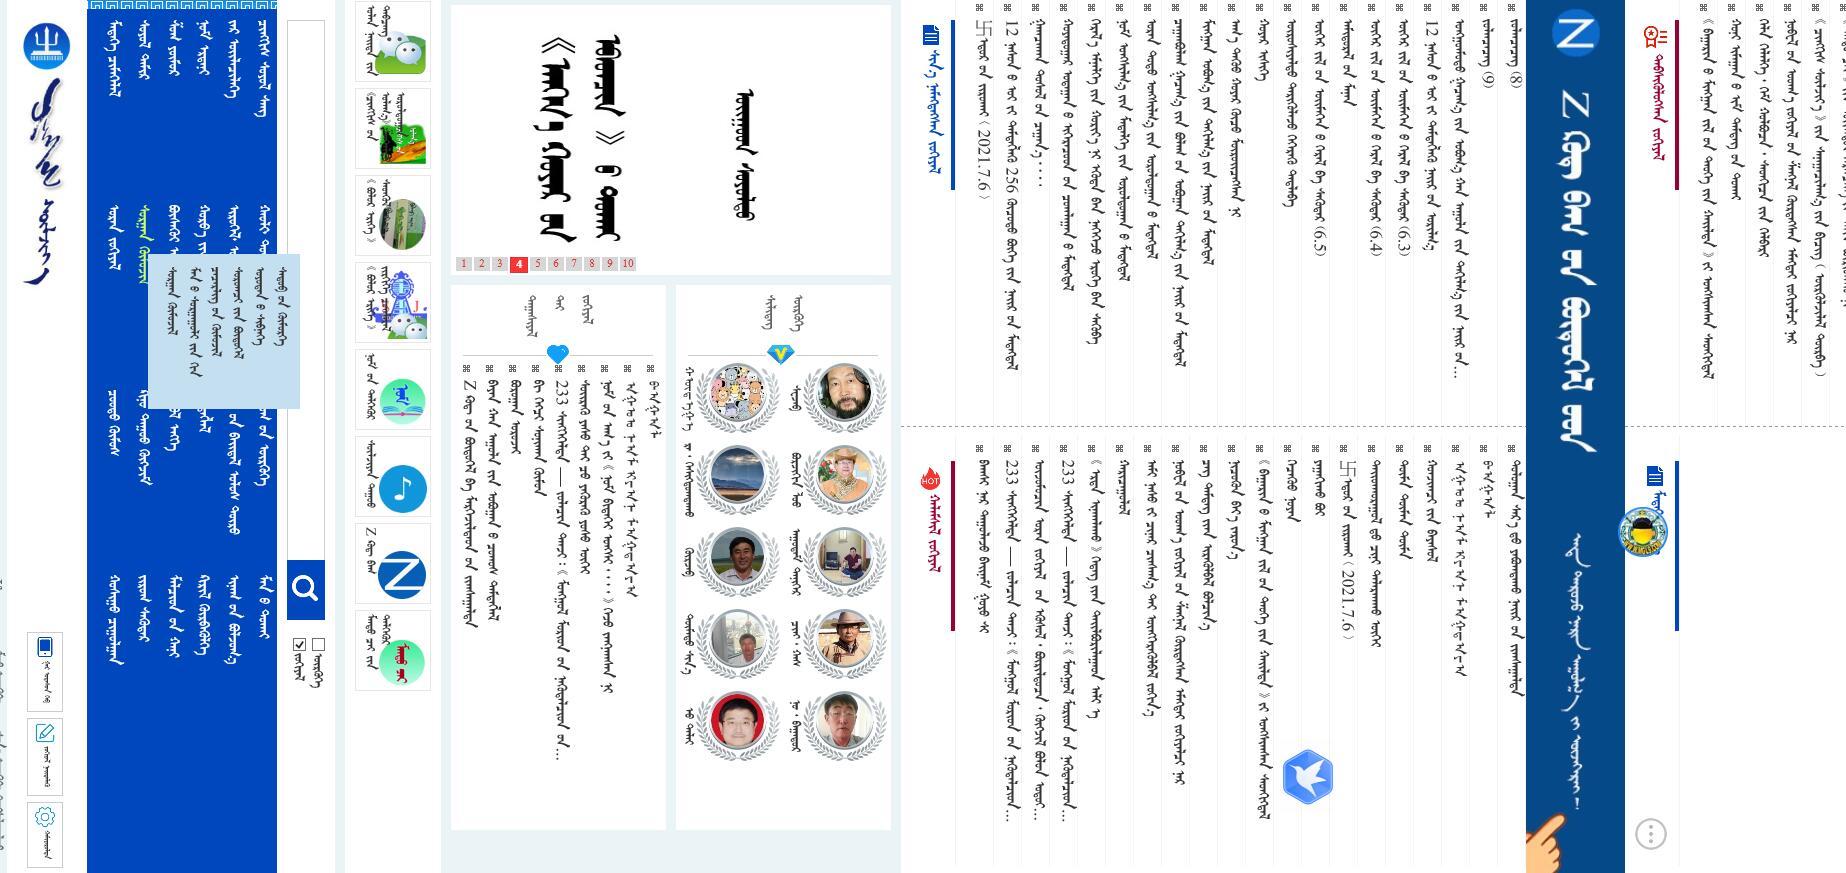 成吉思汗蒙古文博客网改版了